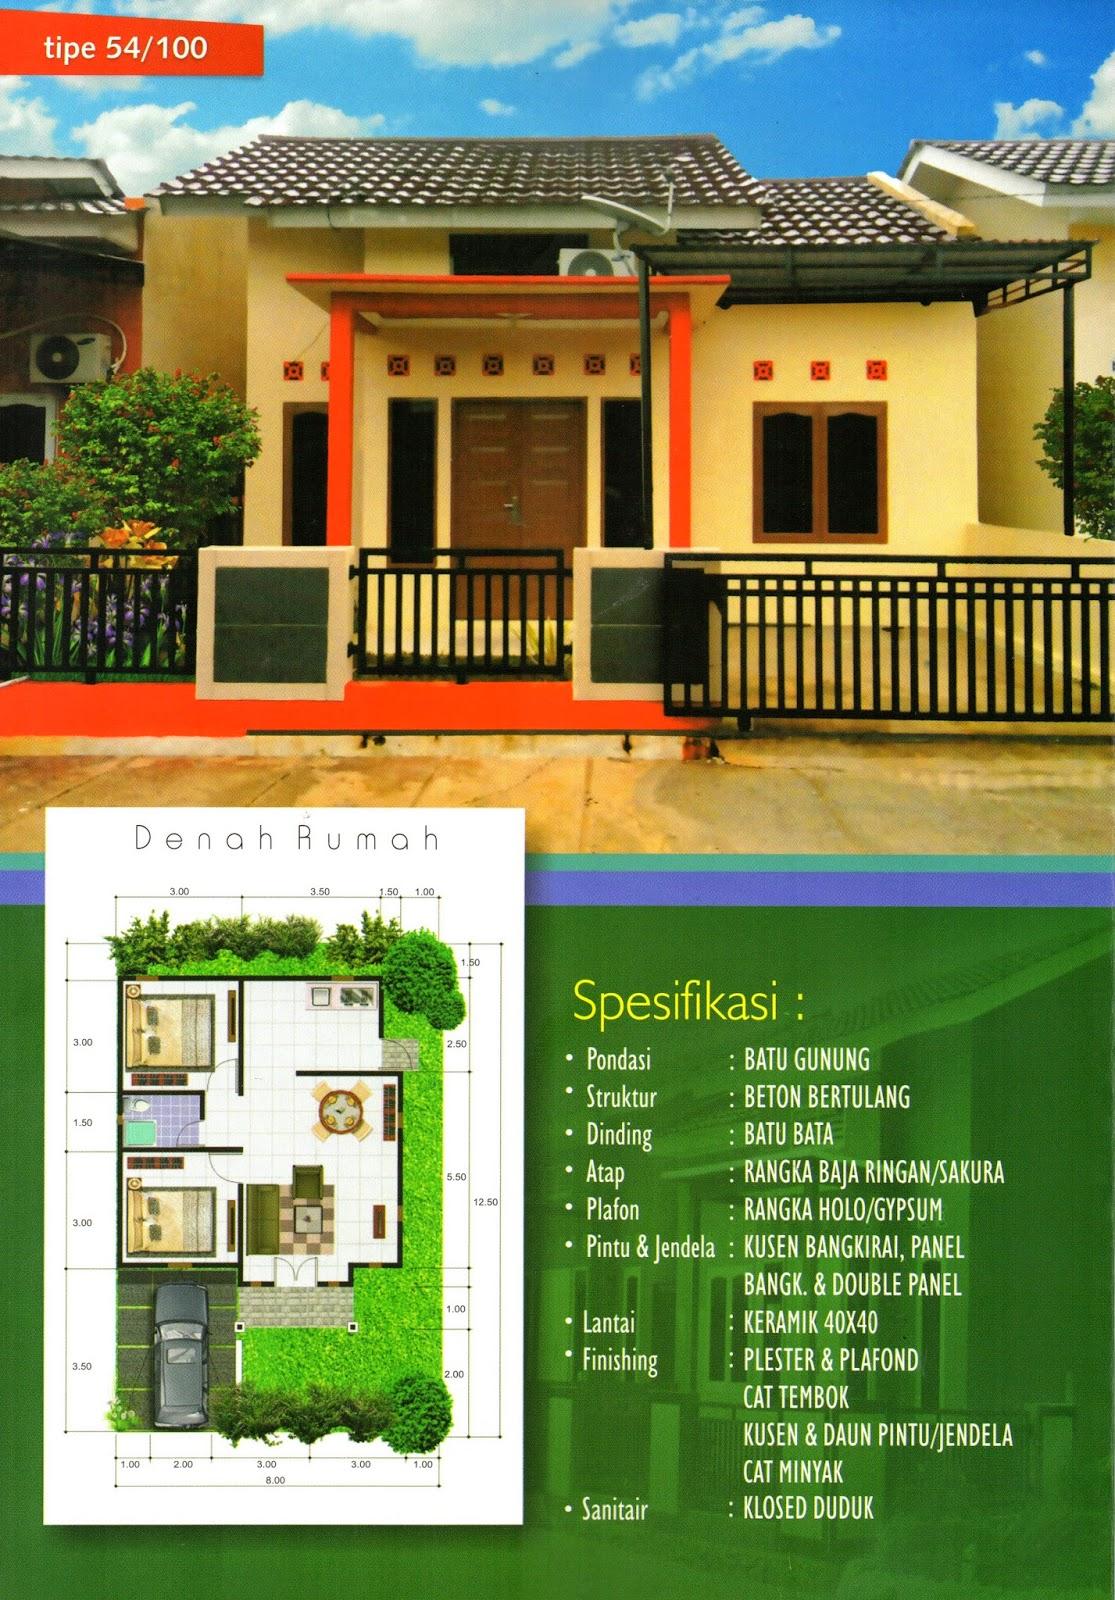 70 Harga Rumah Minimalis Type 36 Di Balikpapan | Typehom